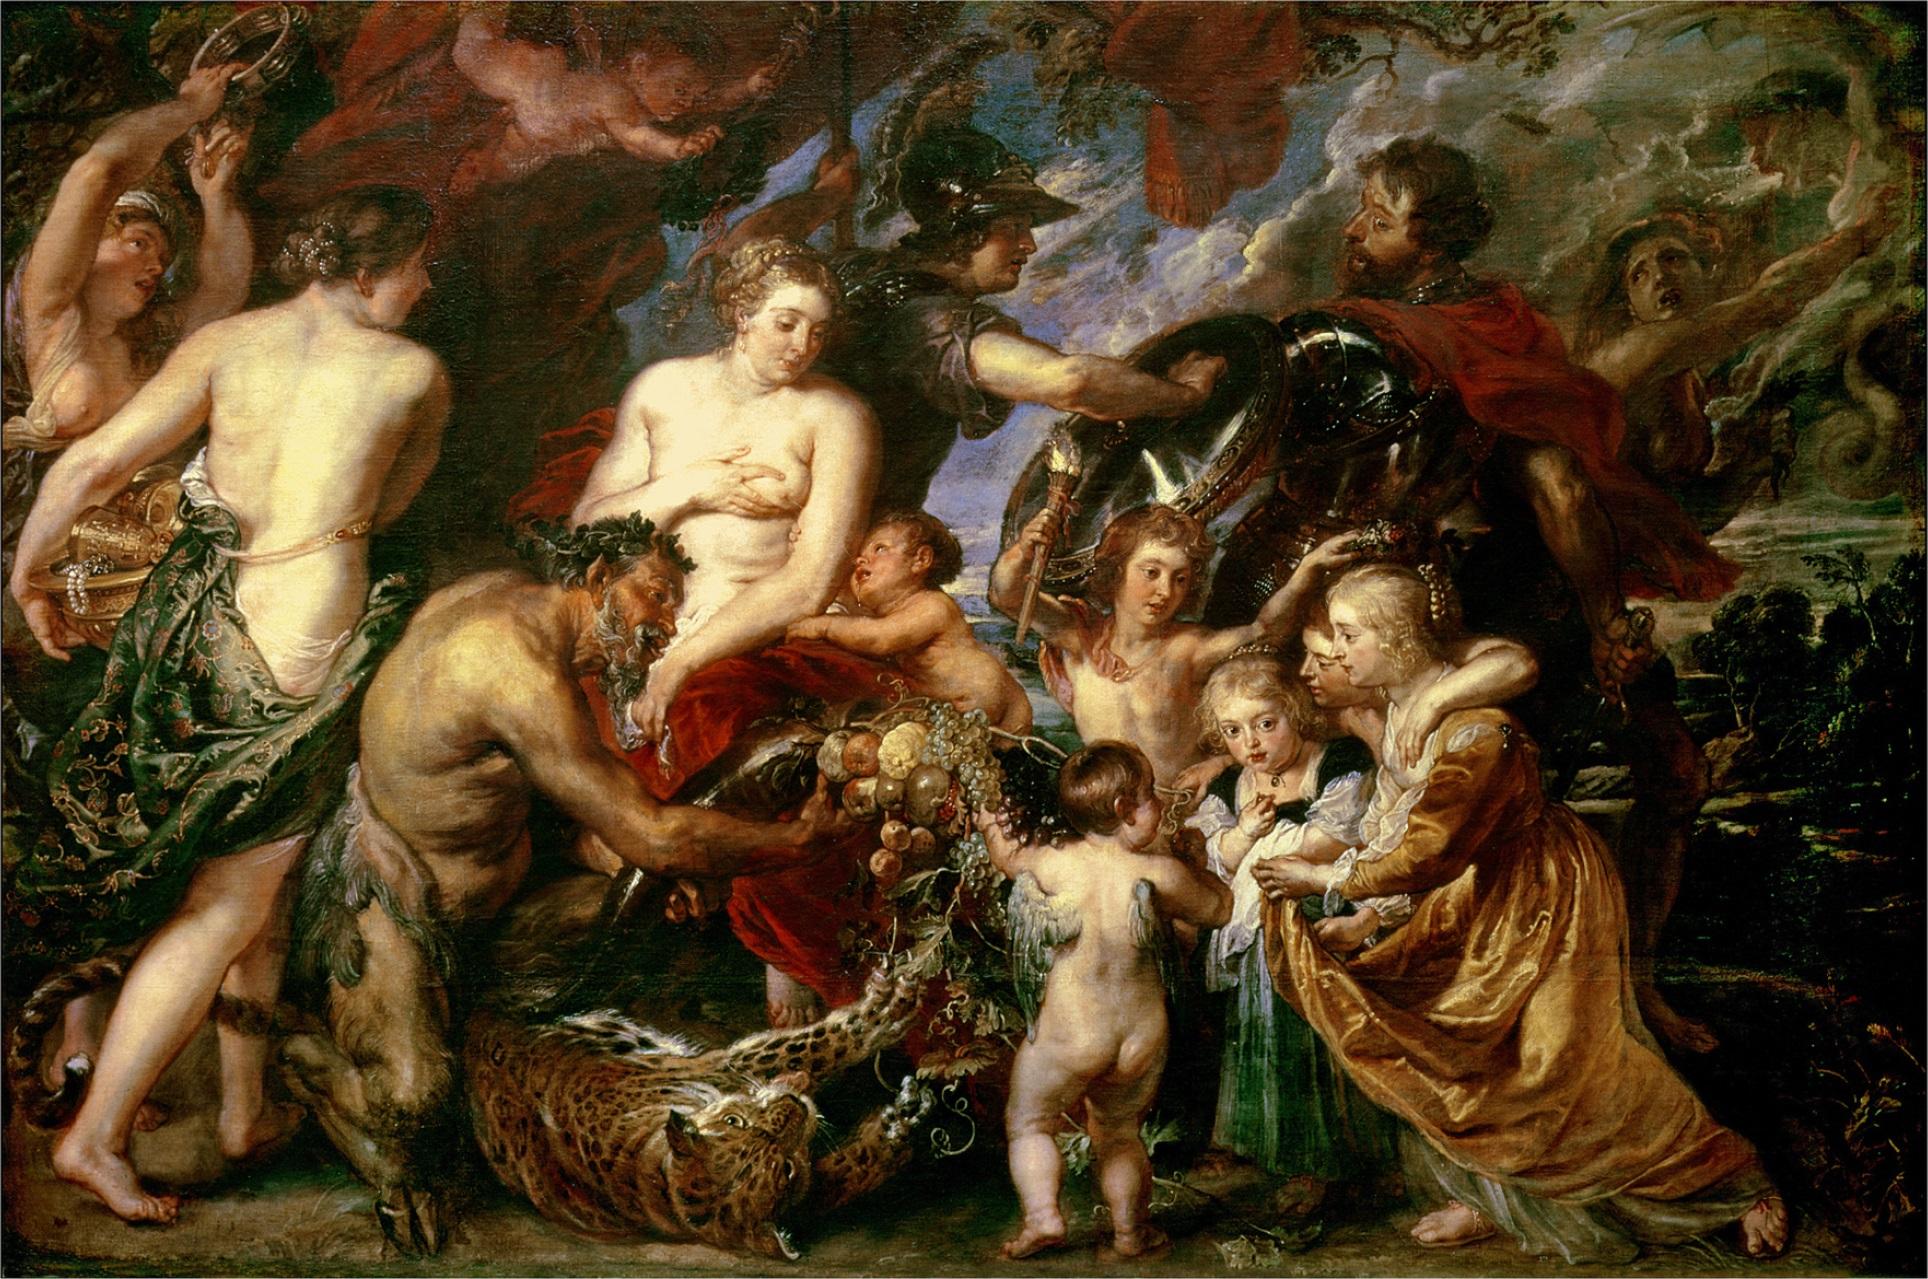 Картина «Война и мир» Питера Пауля Рубенса. Источник фото: Wikimedia Commons